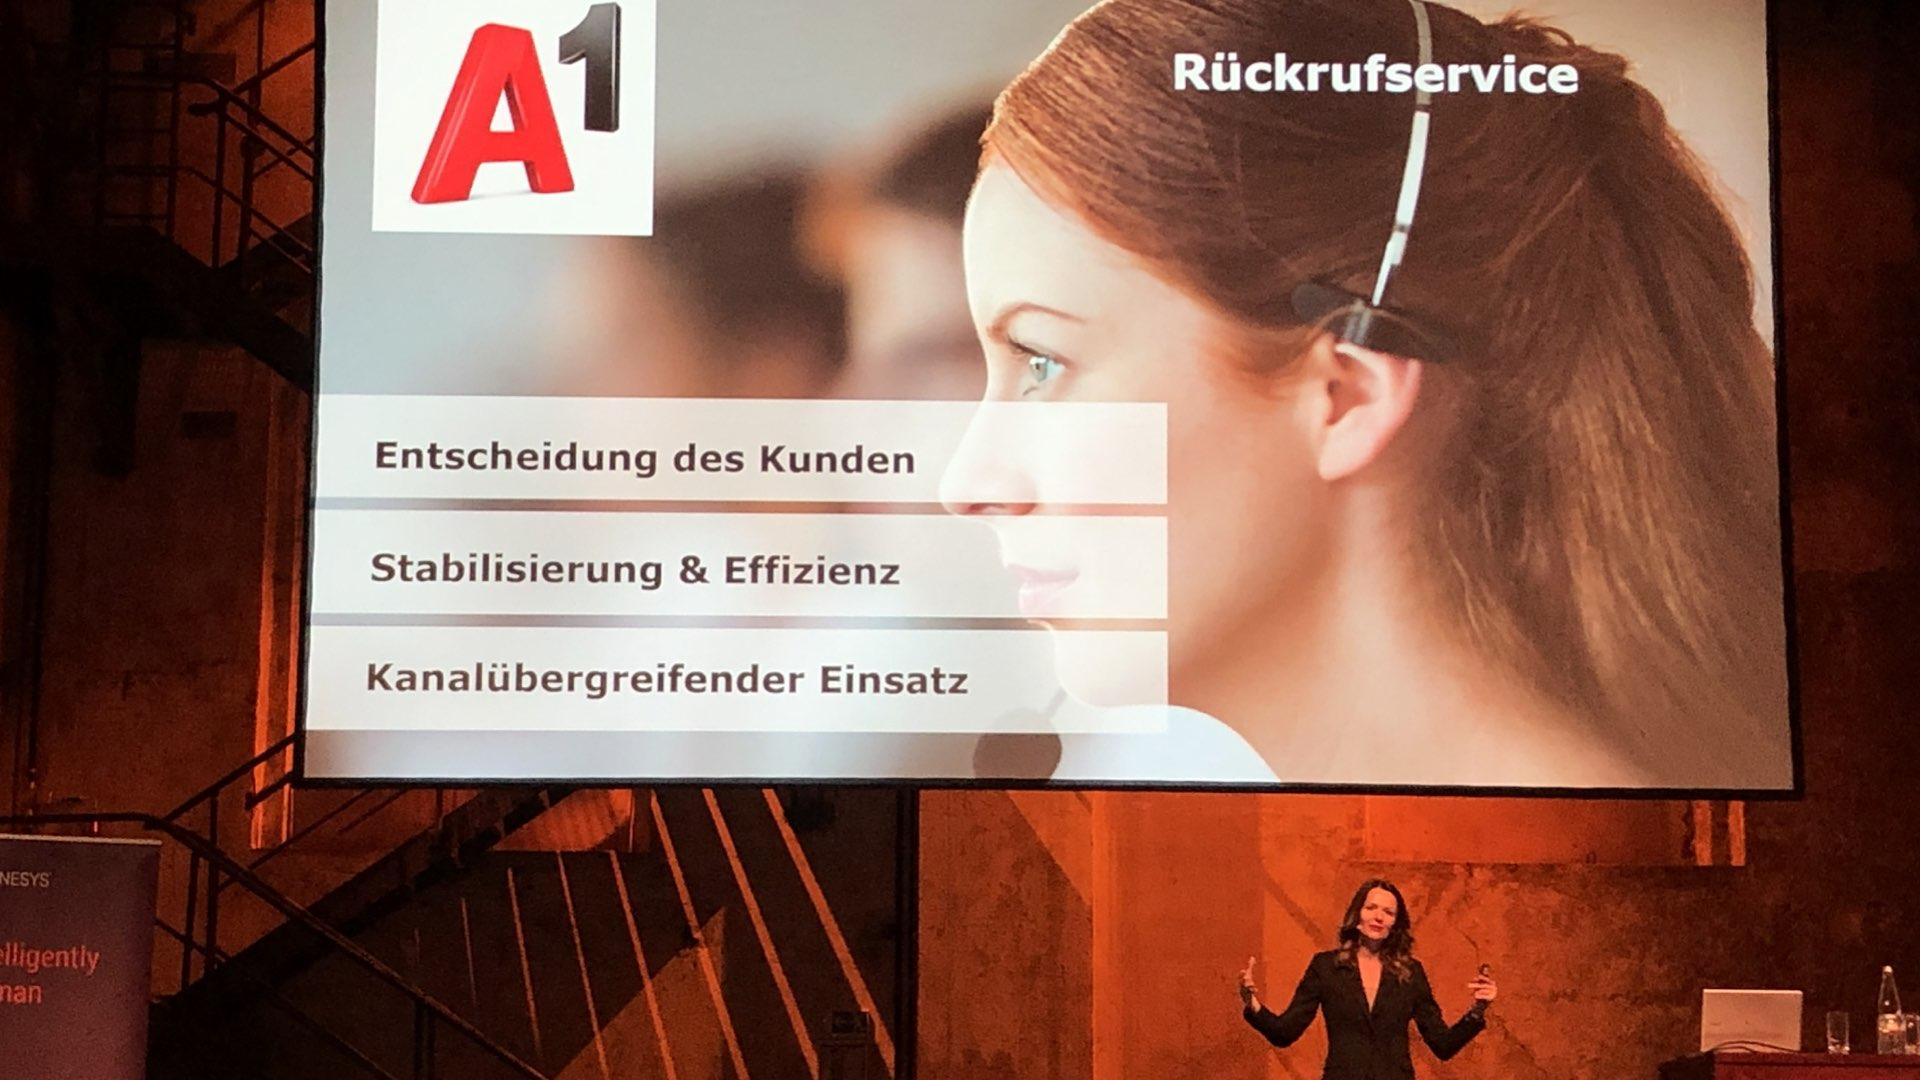 Elke Schaffer (Director Customer Service & Sales von A1) über den Rückrufservice